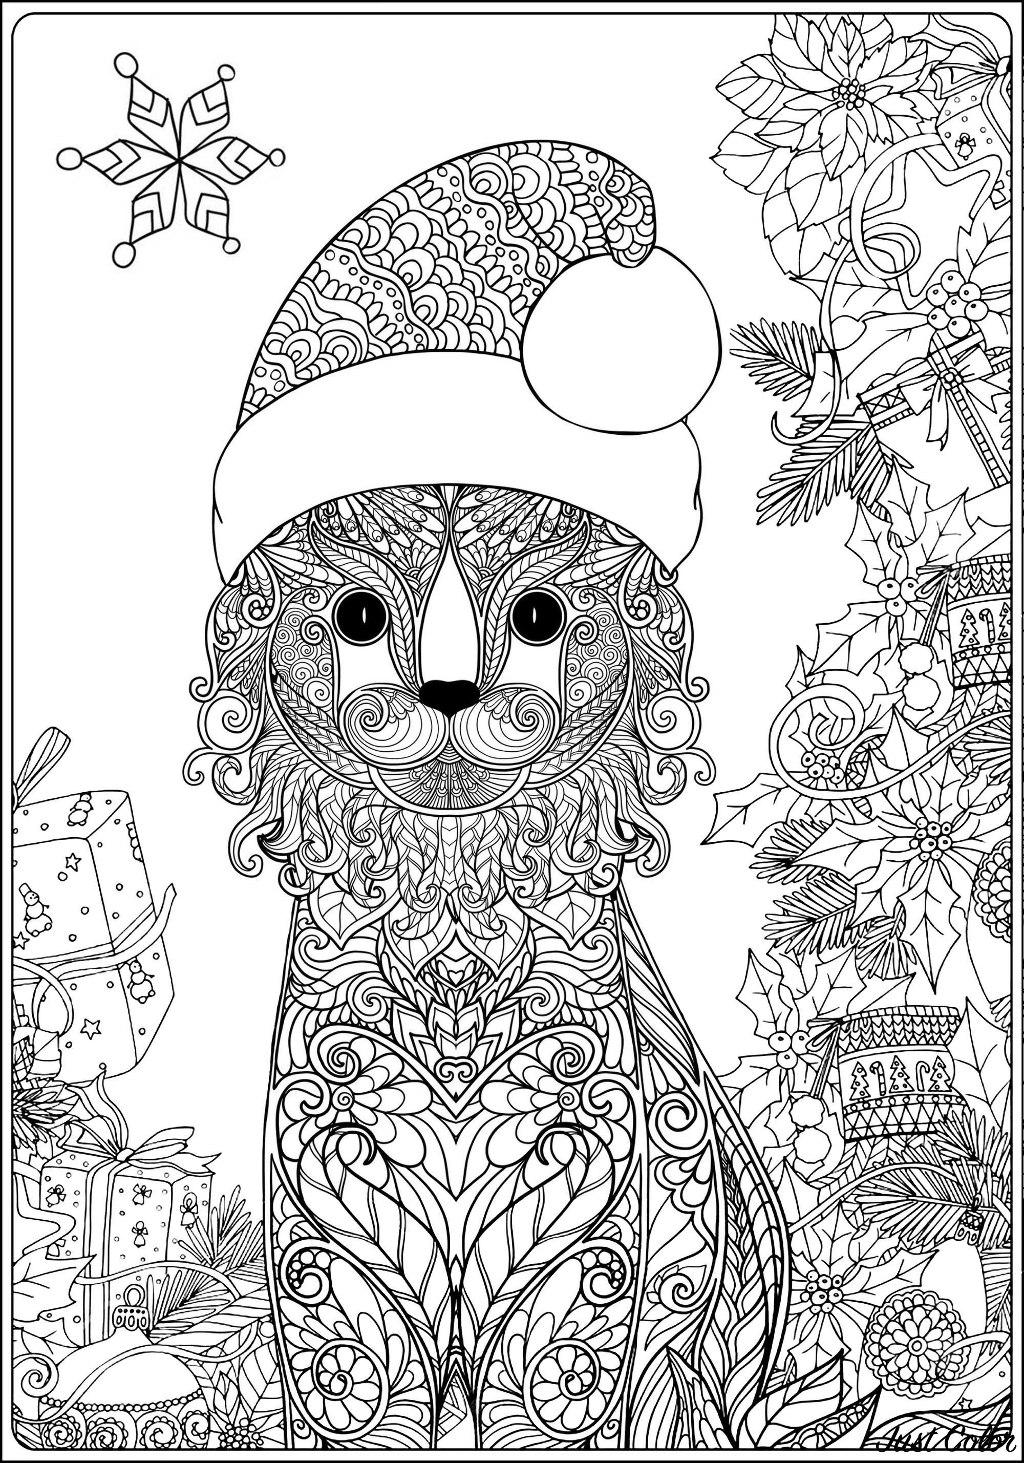 Weihnachten 7 - Weihnachten - Malbuch Fur Erwachsene